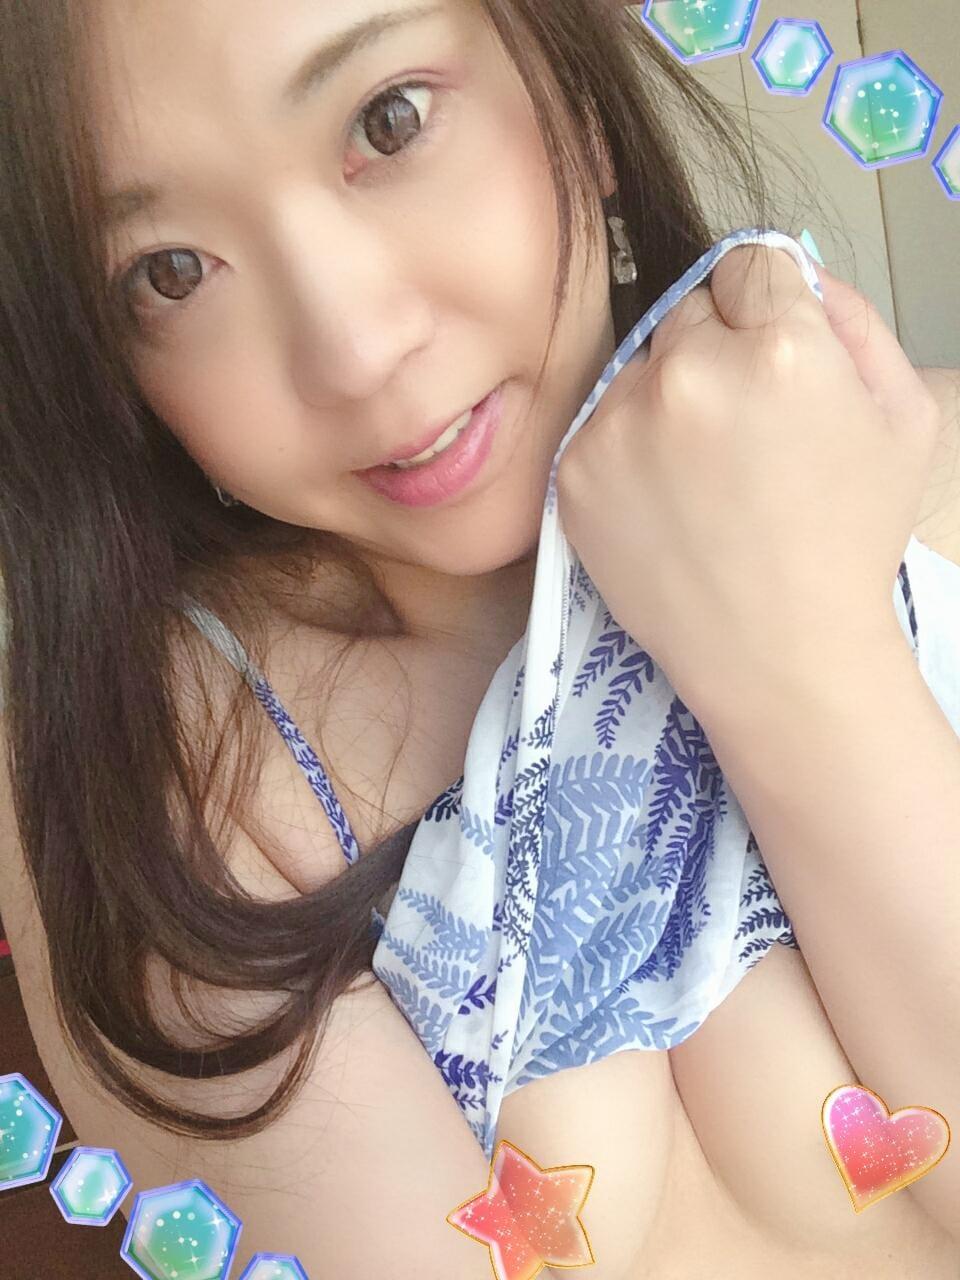 「行けまーす♪」06/20(水) 13:51 | AV嬢【ニューハーフ】愛川 めいの写メ・風俗動画